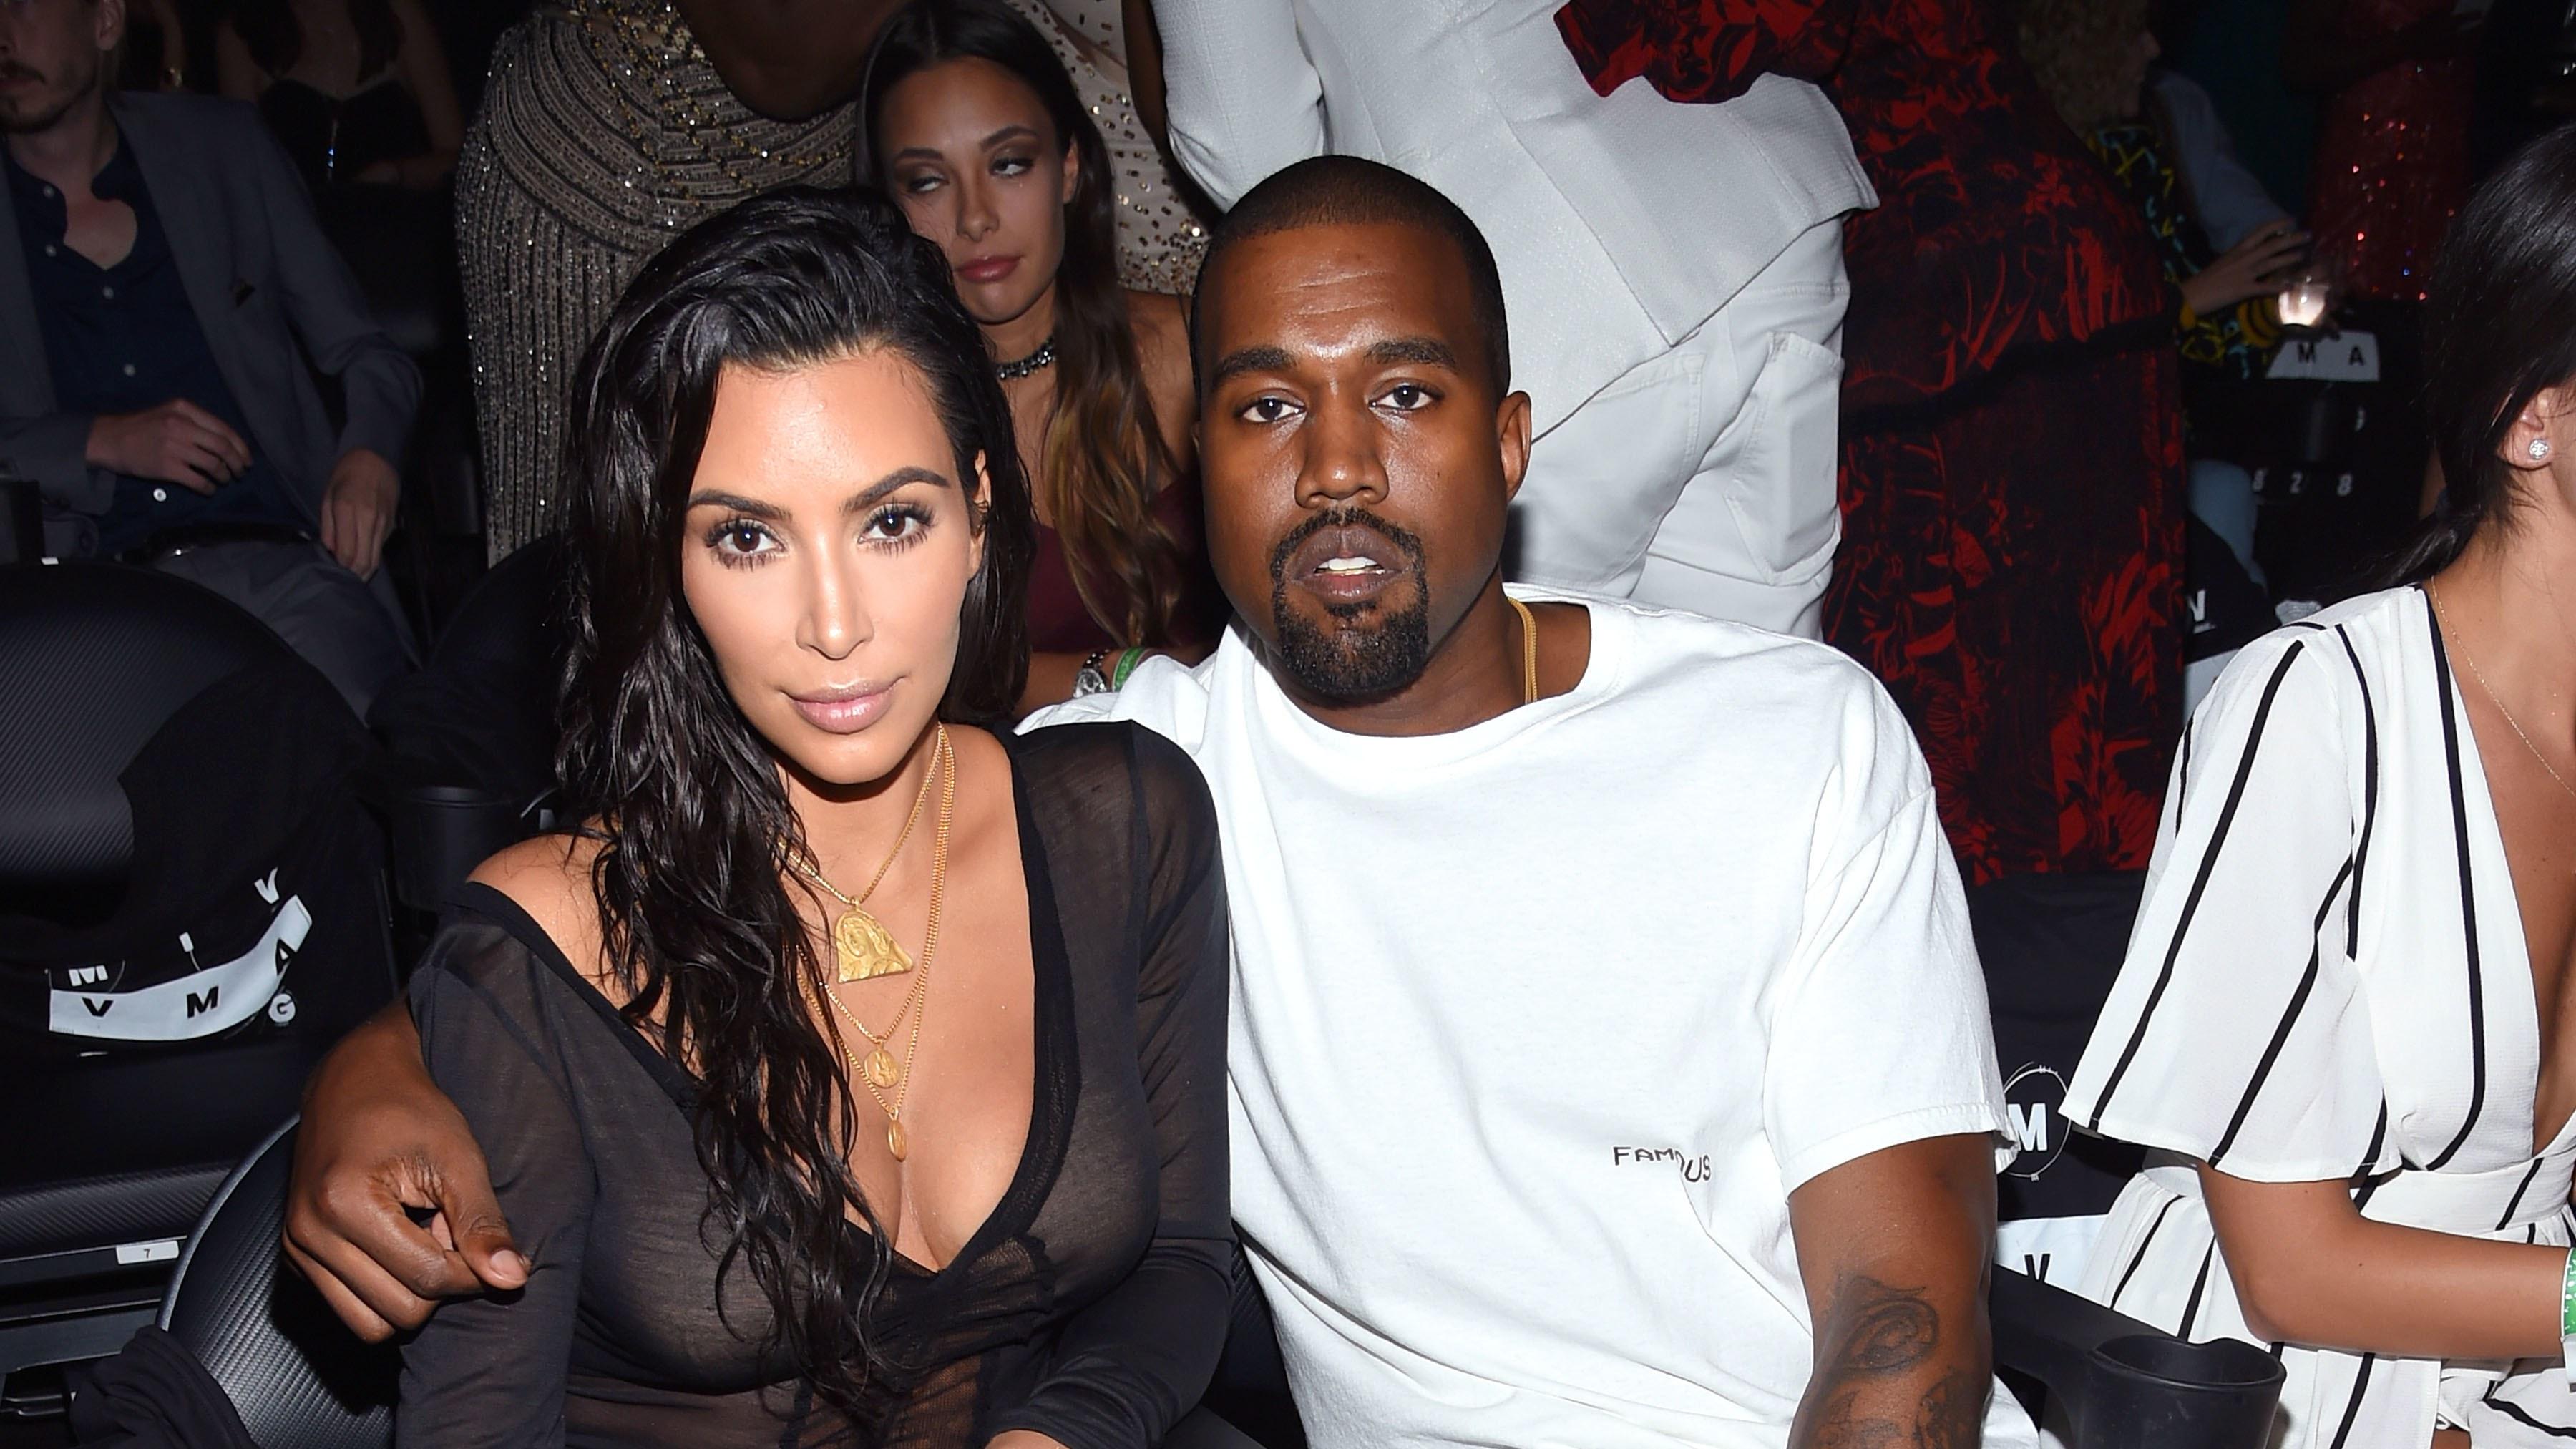 Prva, ki je imela čast nositi njegov nakit je bila njegova žena Kim.